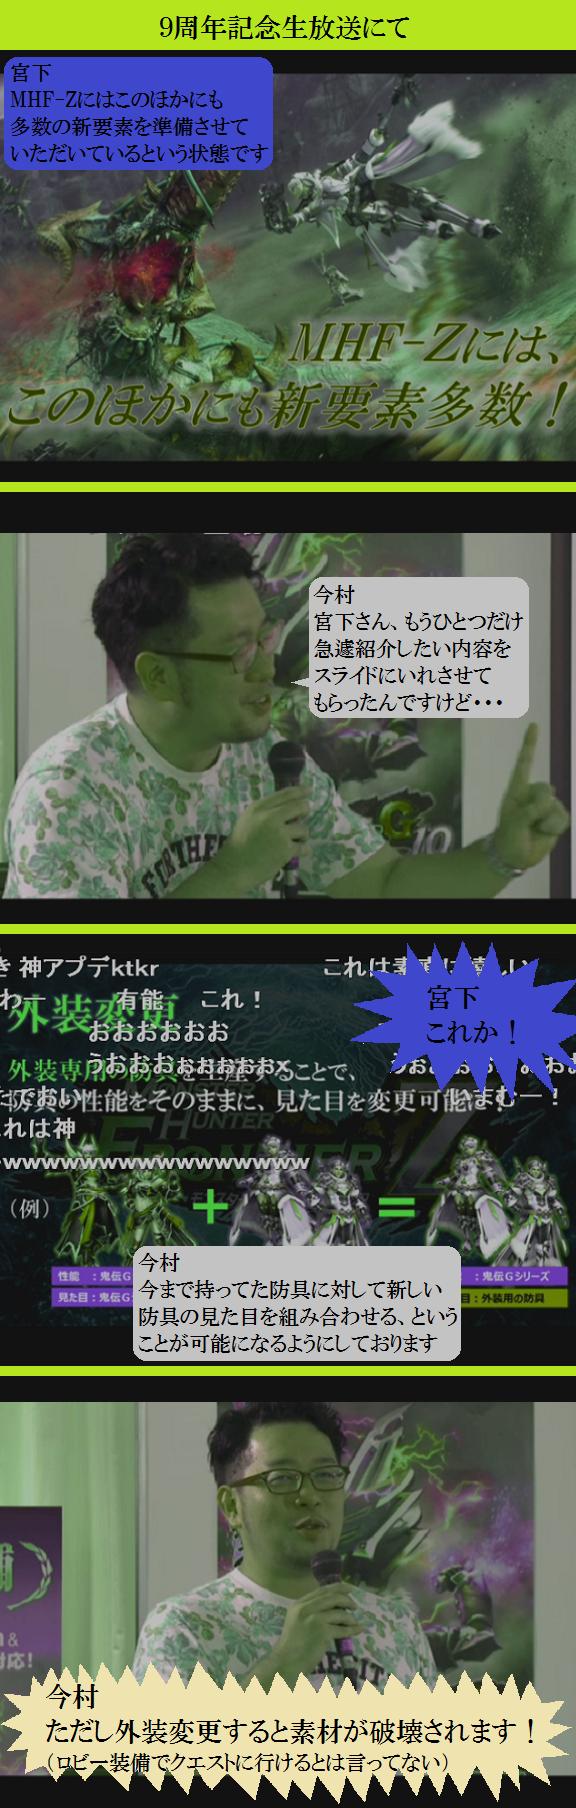 20160902 「9周年記念生放送にて」